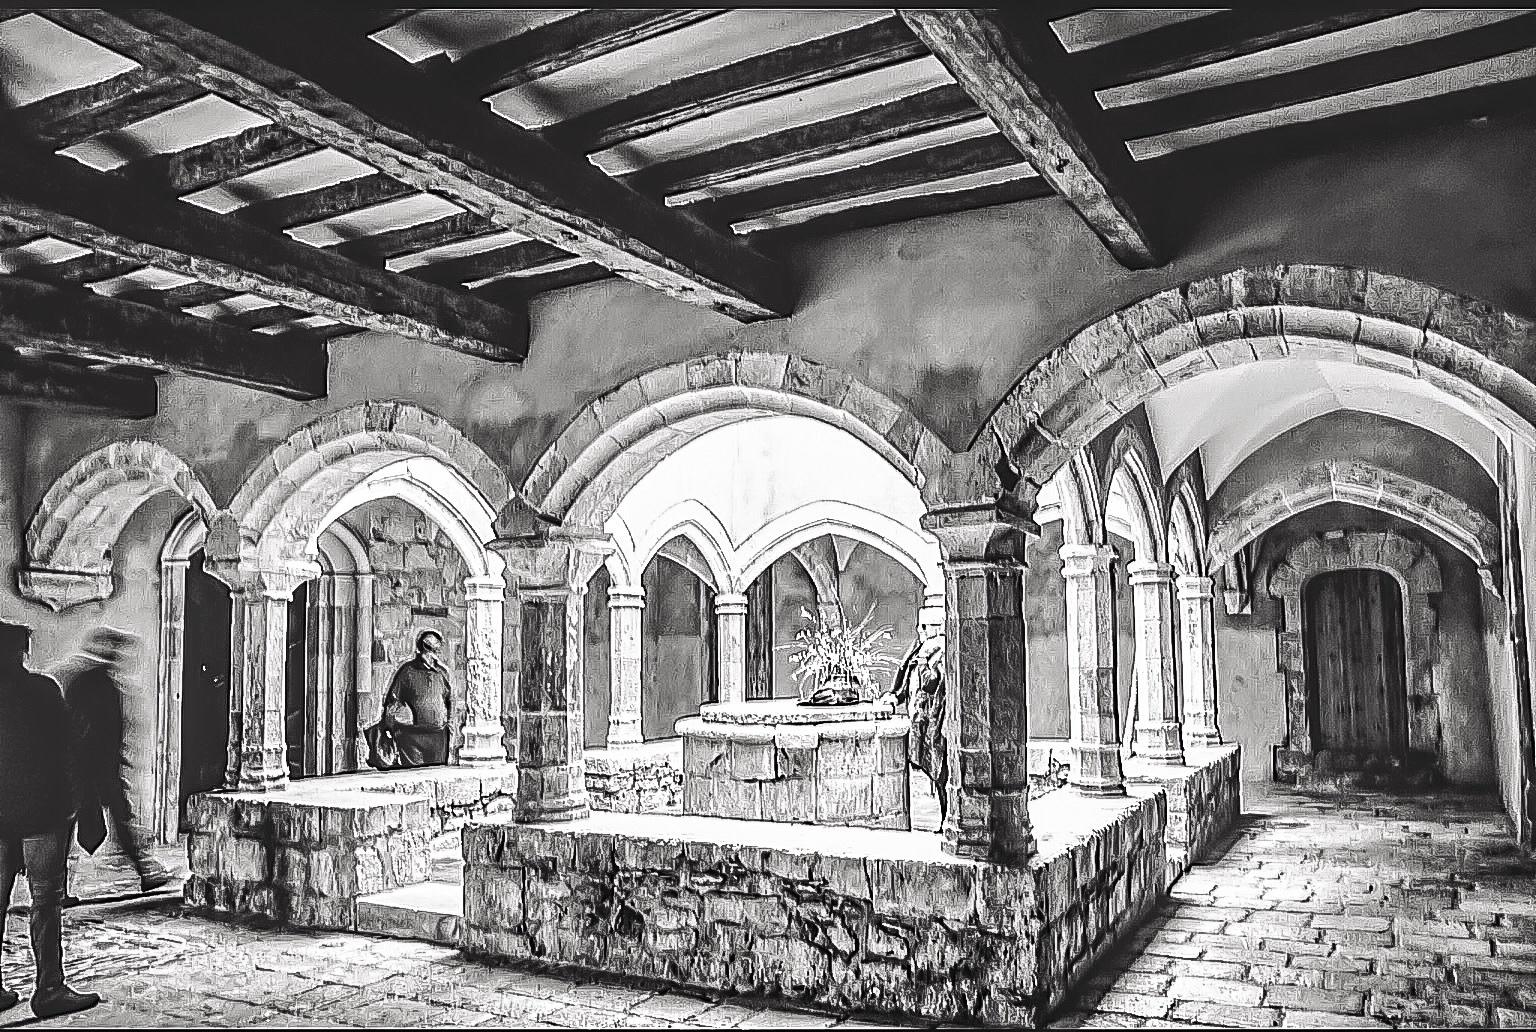 Patio (Courtyard) by Gregorio Emper